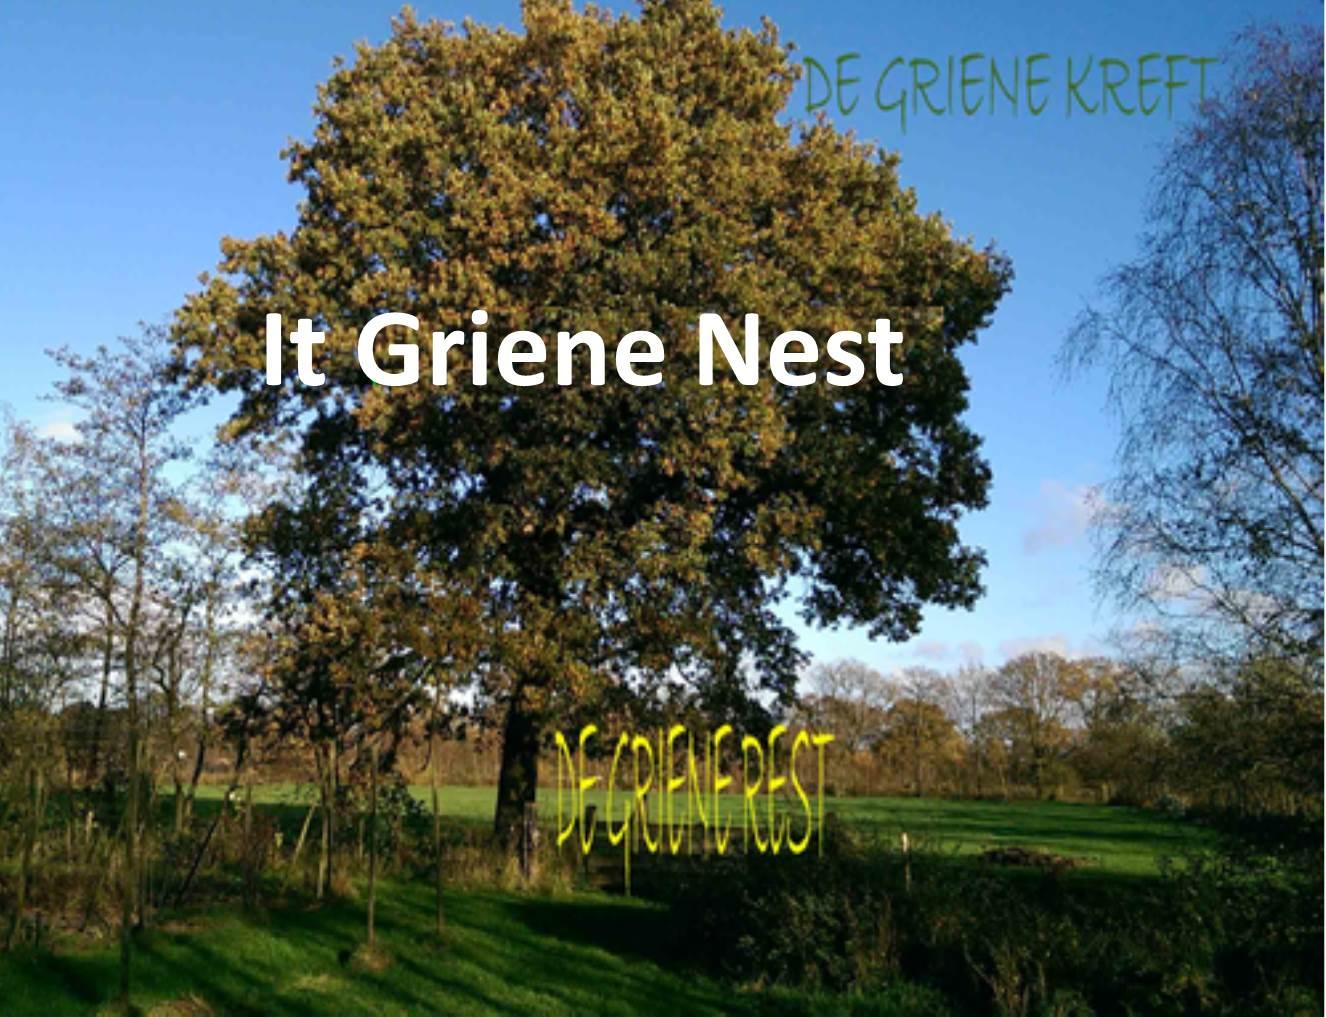 It Griene Nest